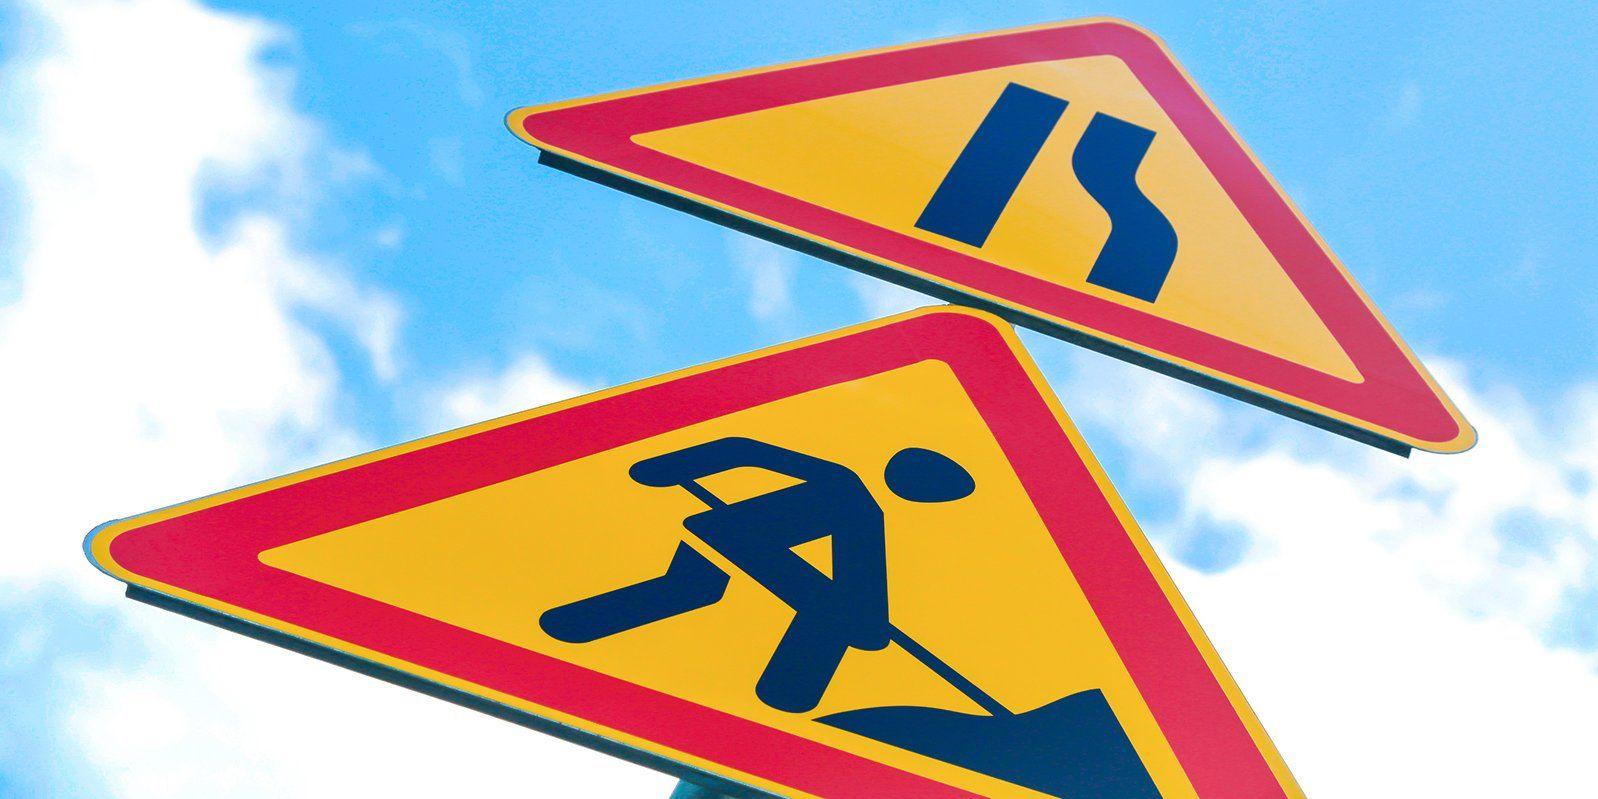 Около 60 километров дорог отремонтировали в Рязановском